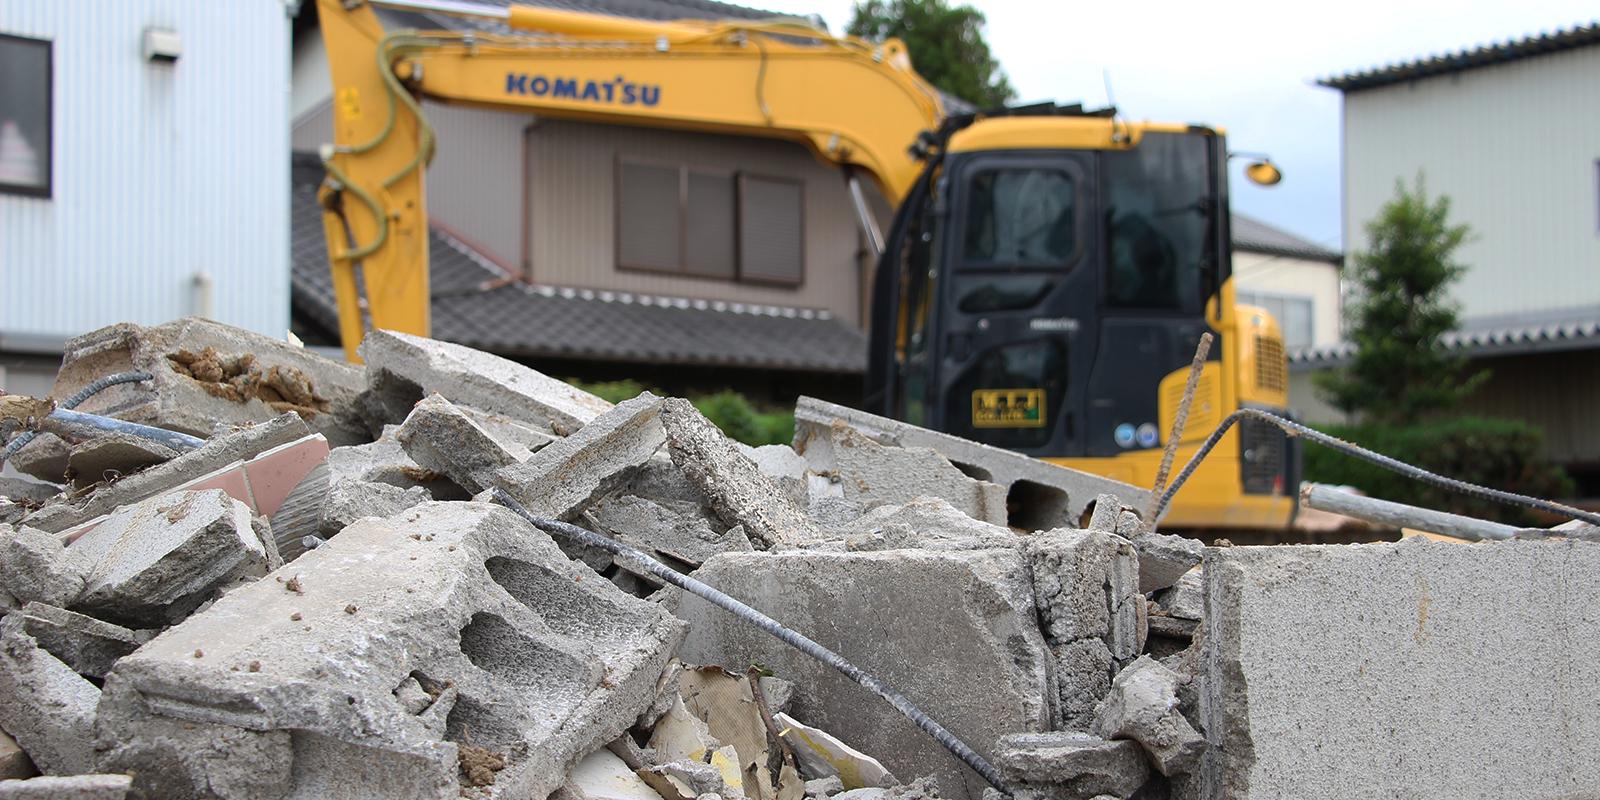 廃棄・解体作業は実績の大谷運輸